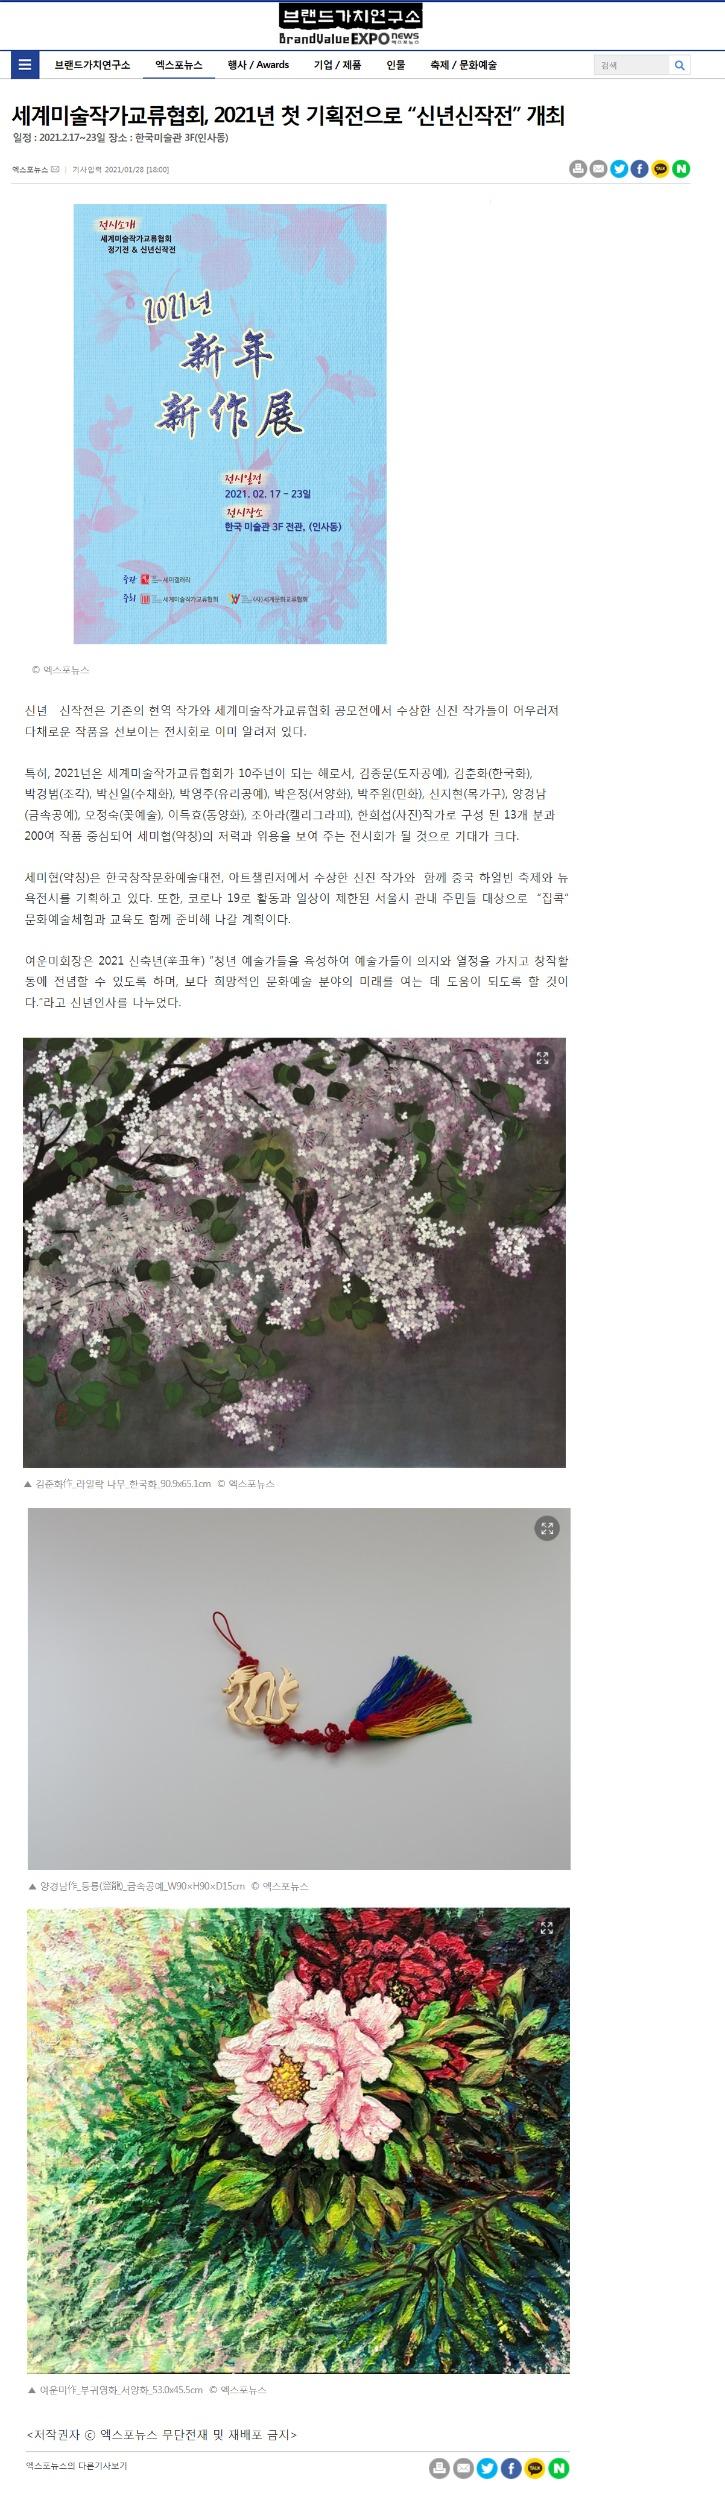 2021 신년신작전_보도자료1_엑스포.jpg